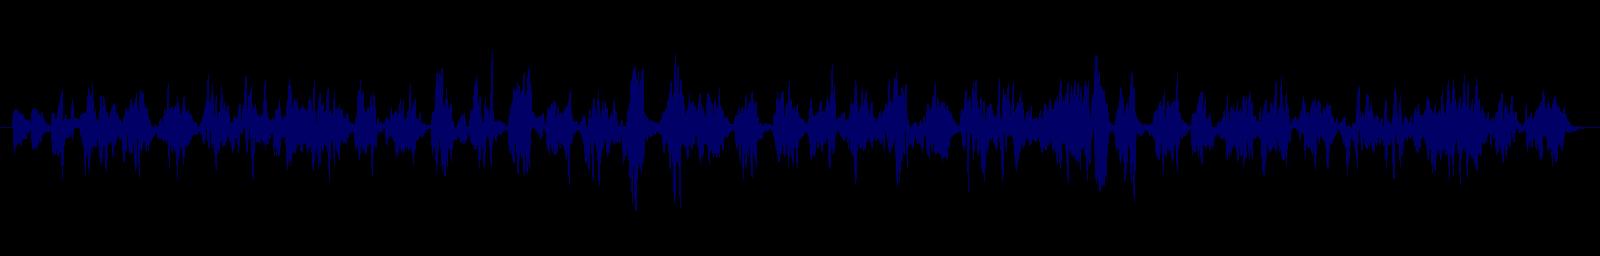 waveform of track #148248